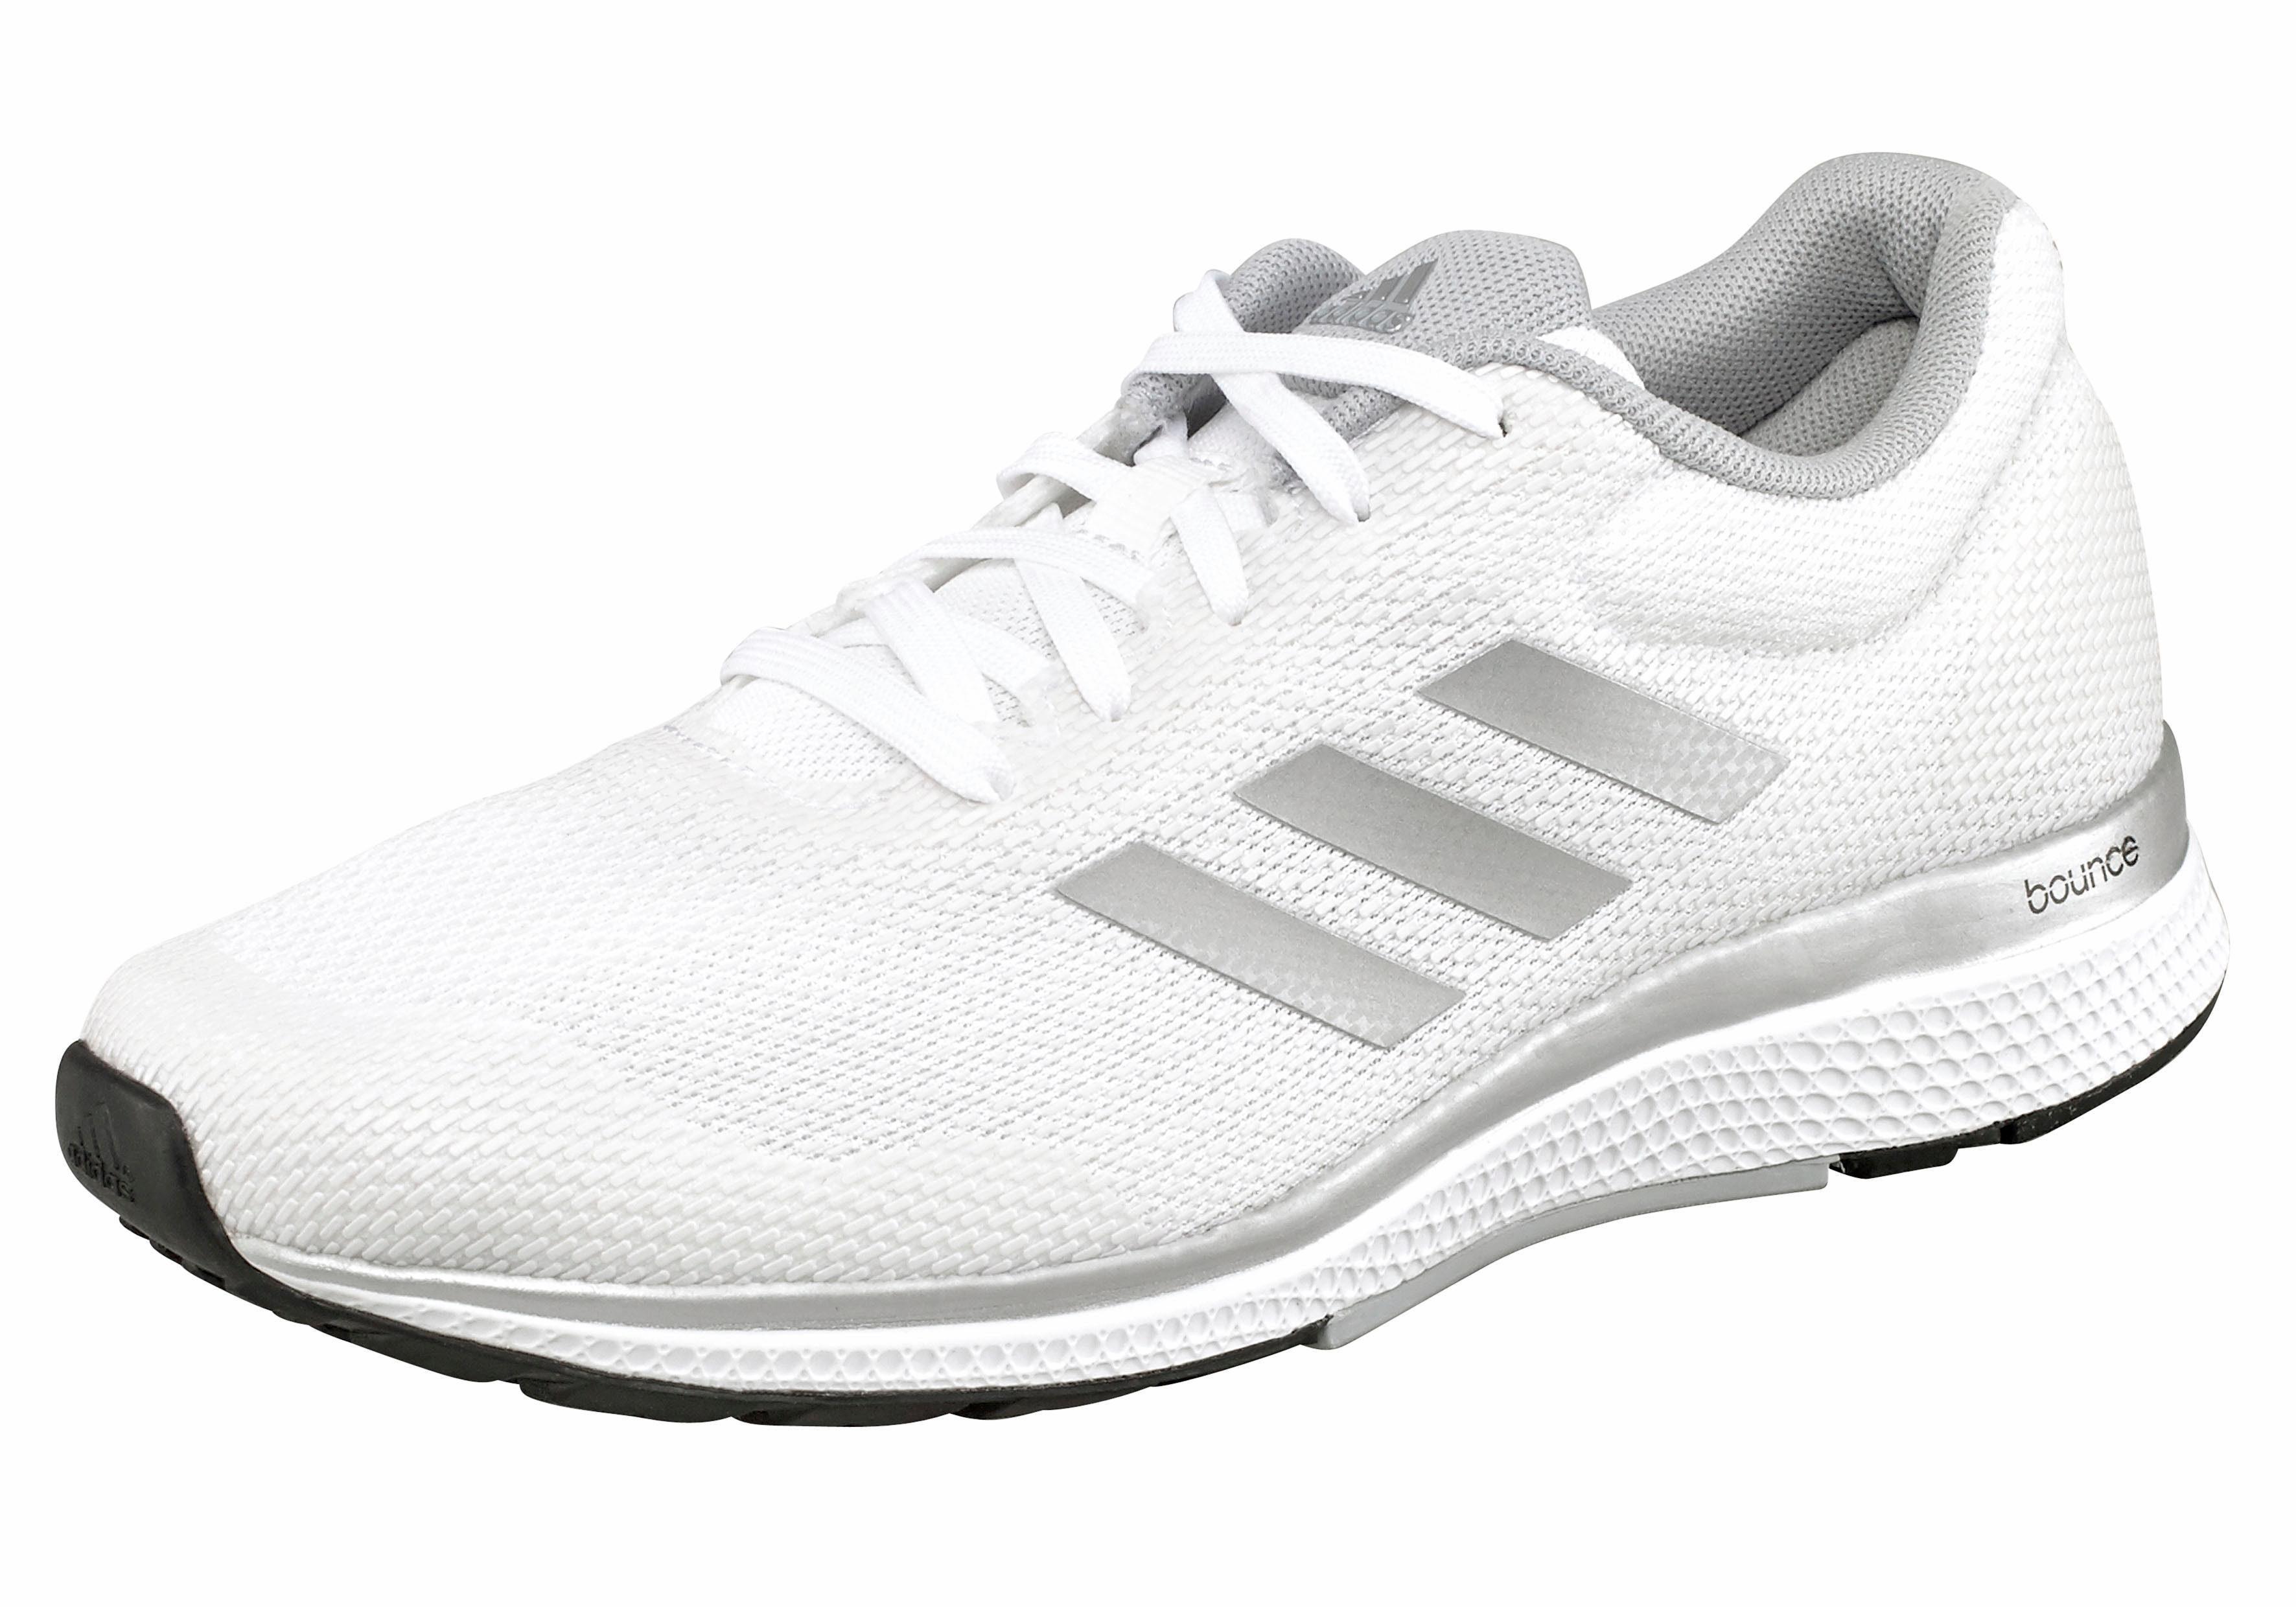 best Online Adidas Schuhe Deutschland  Adidas Response Tr Rerun Laufherrenschuhe Größe 13 Online bestellen